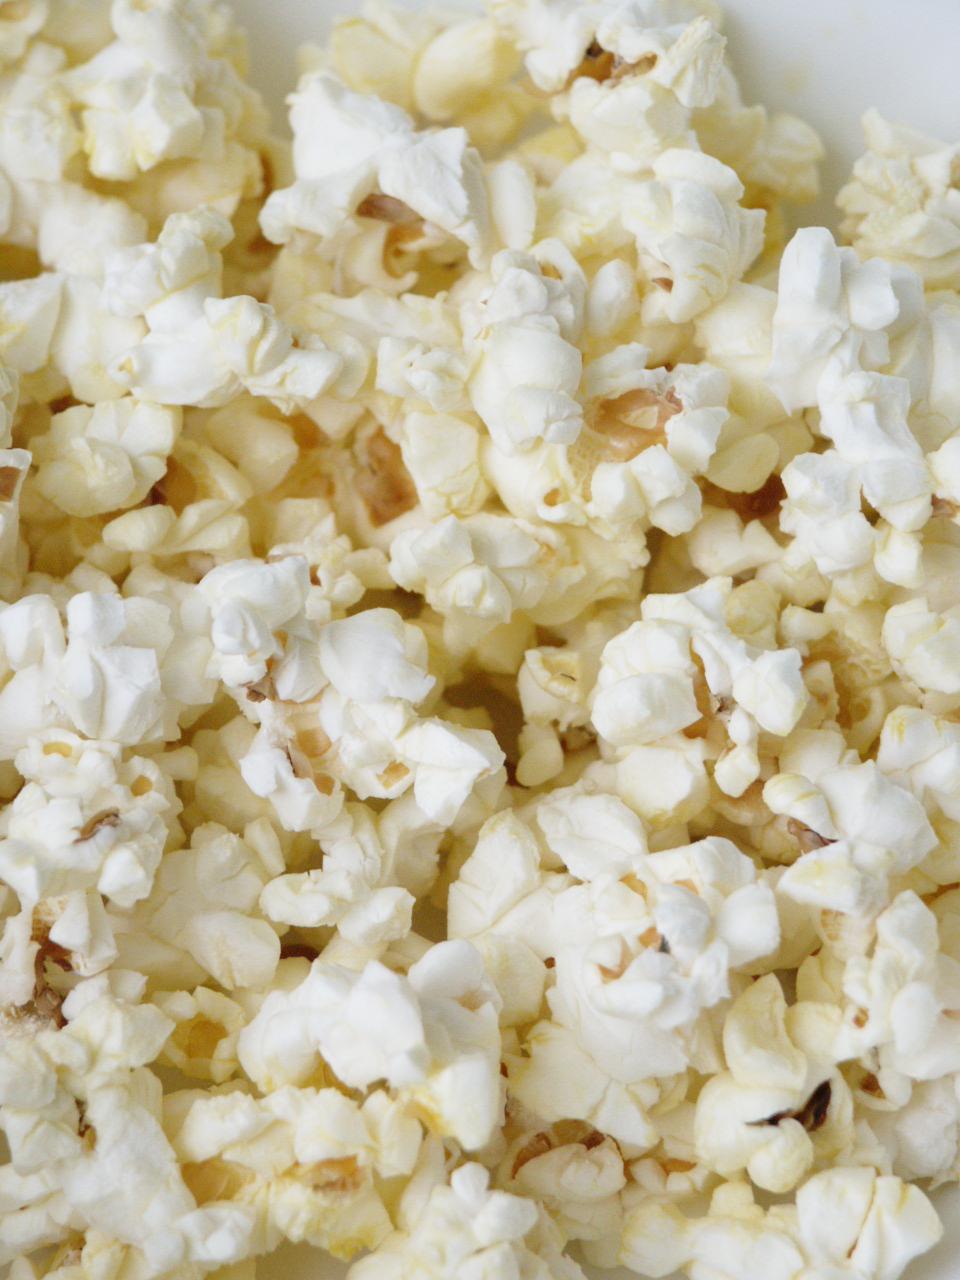 hur många kalorier innehåller popcorn